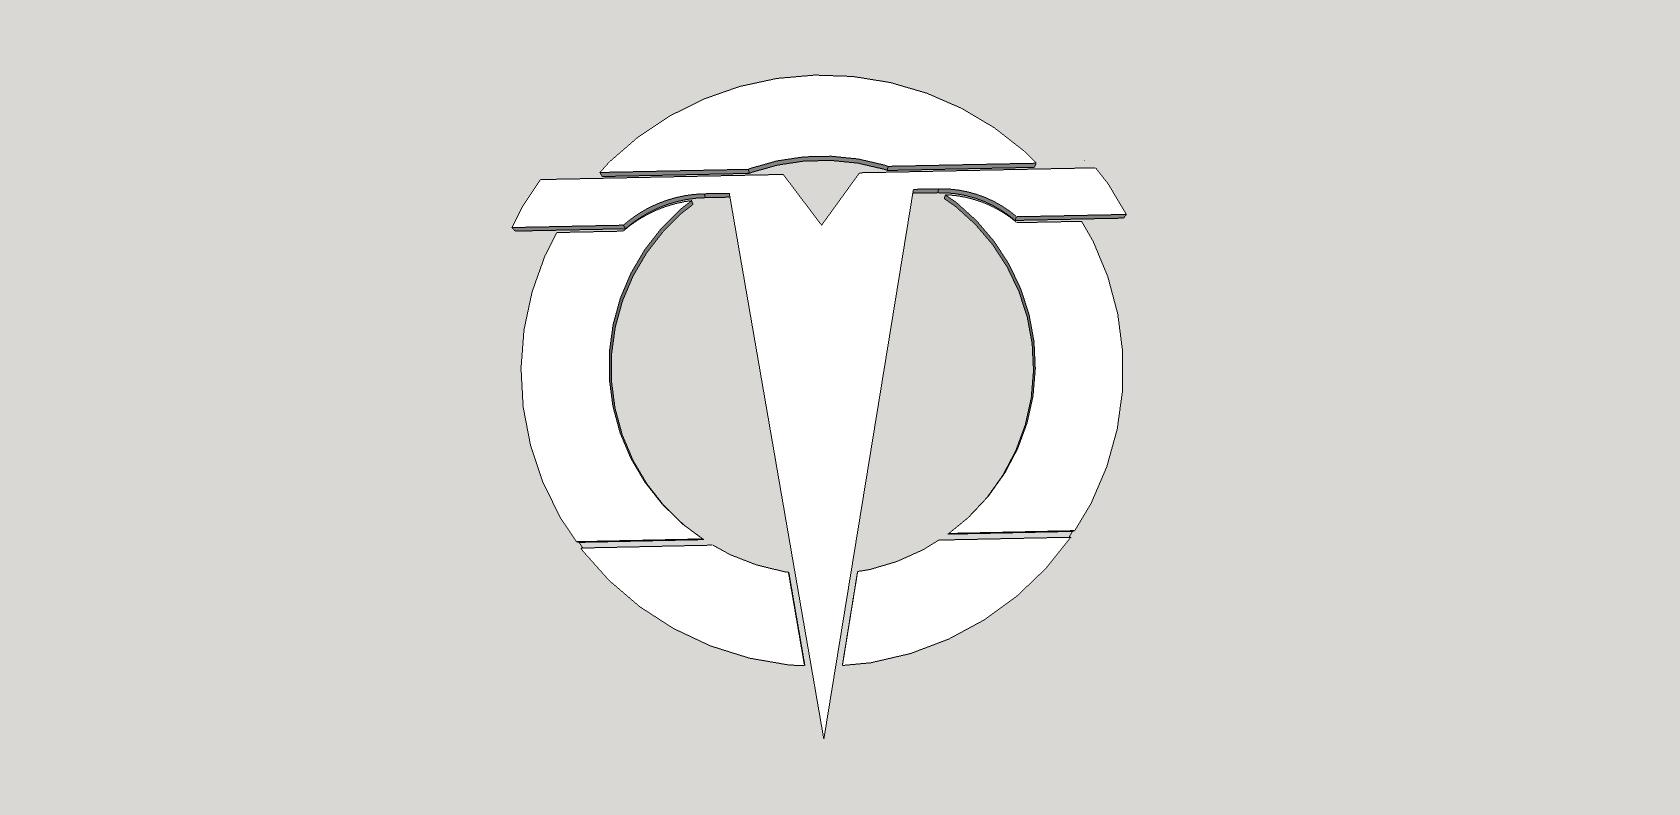 tmc logo 2.png